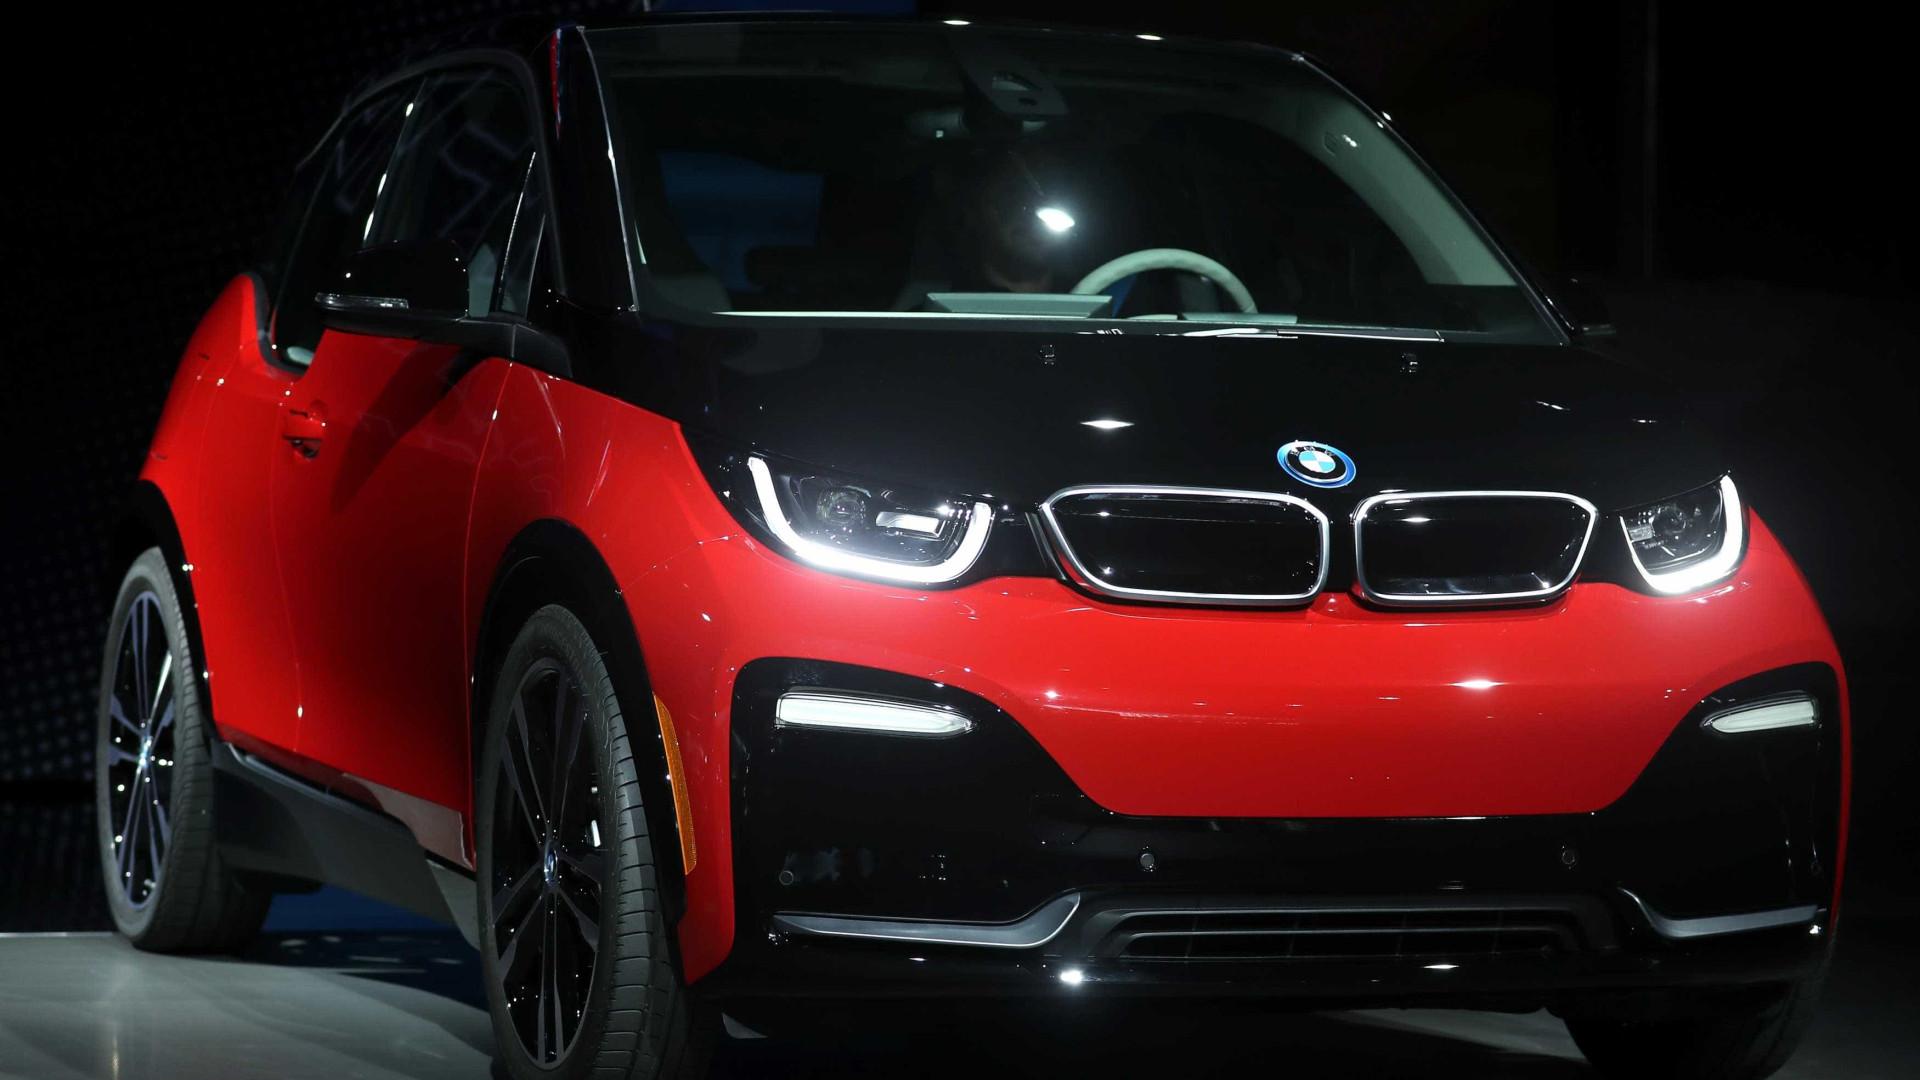 Elétrico BMW i3 volta ao Brasil com maior autonomia